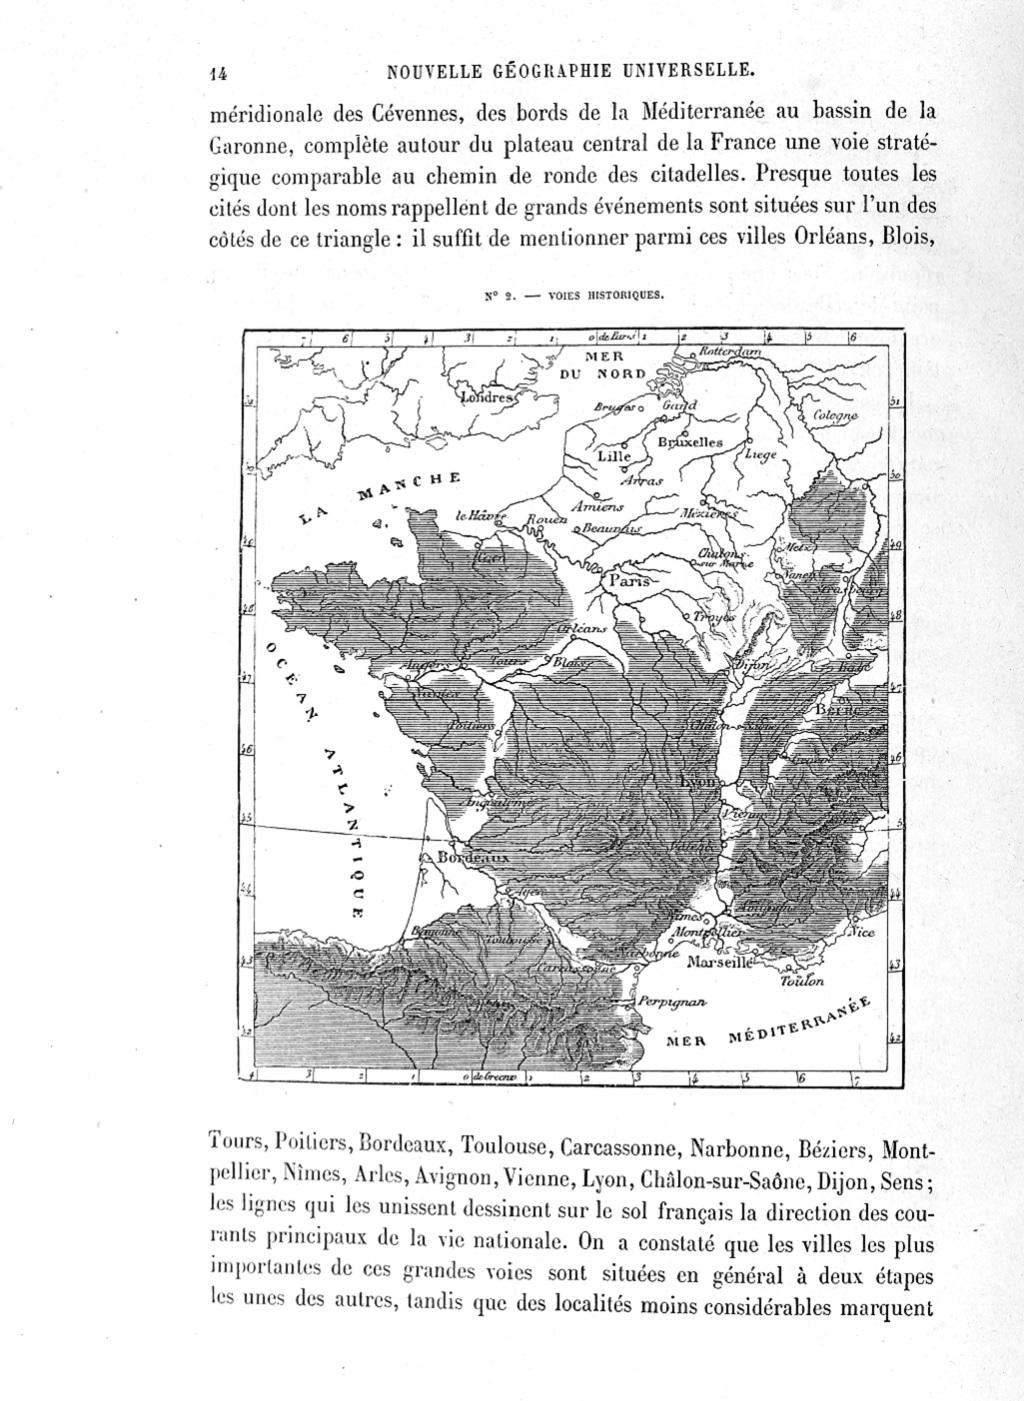 Carte des voies historiques de France publiée dans La Nouvelle Géographie universelle, livre II. - ©Nouvelle Ge´ographie universelle, livre II (E´lise´e Reclus, 1883 ed.)